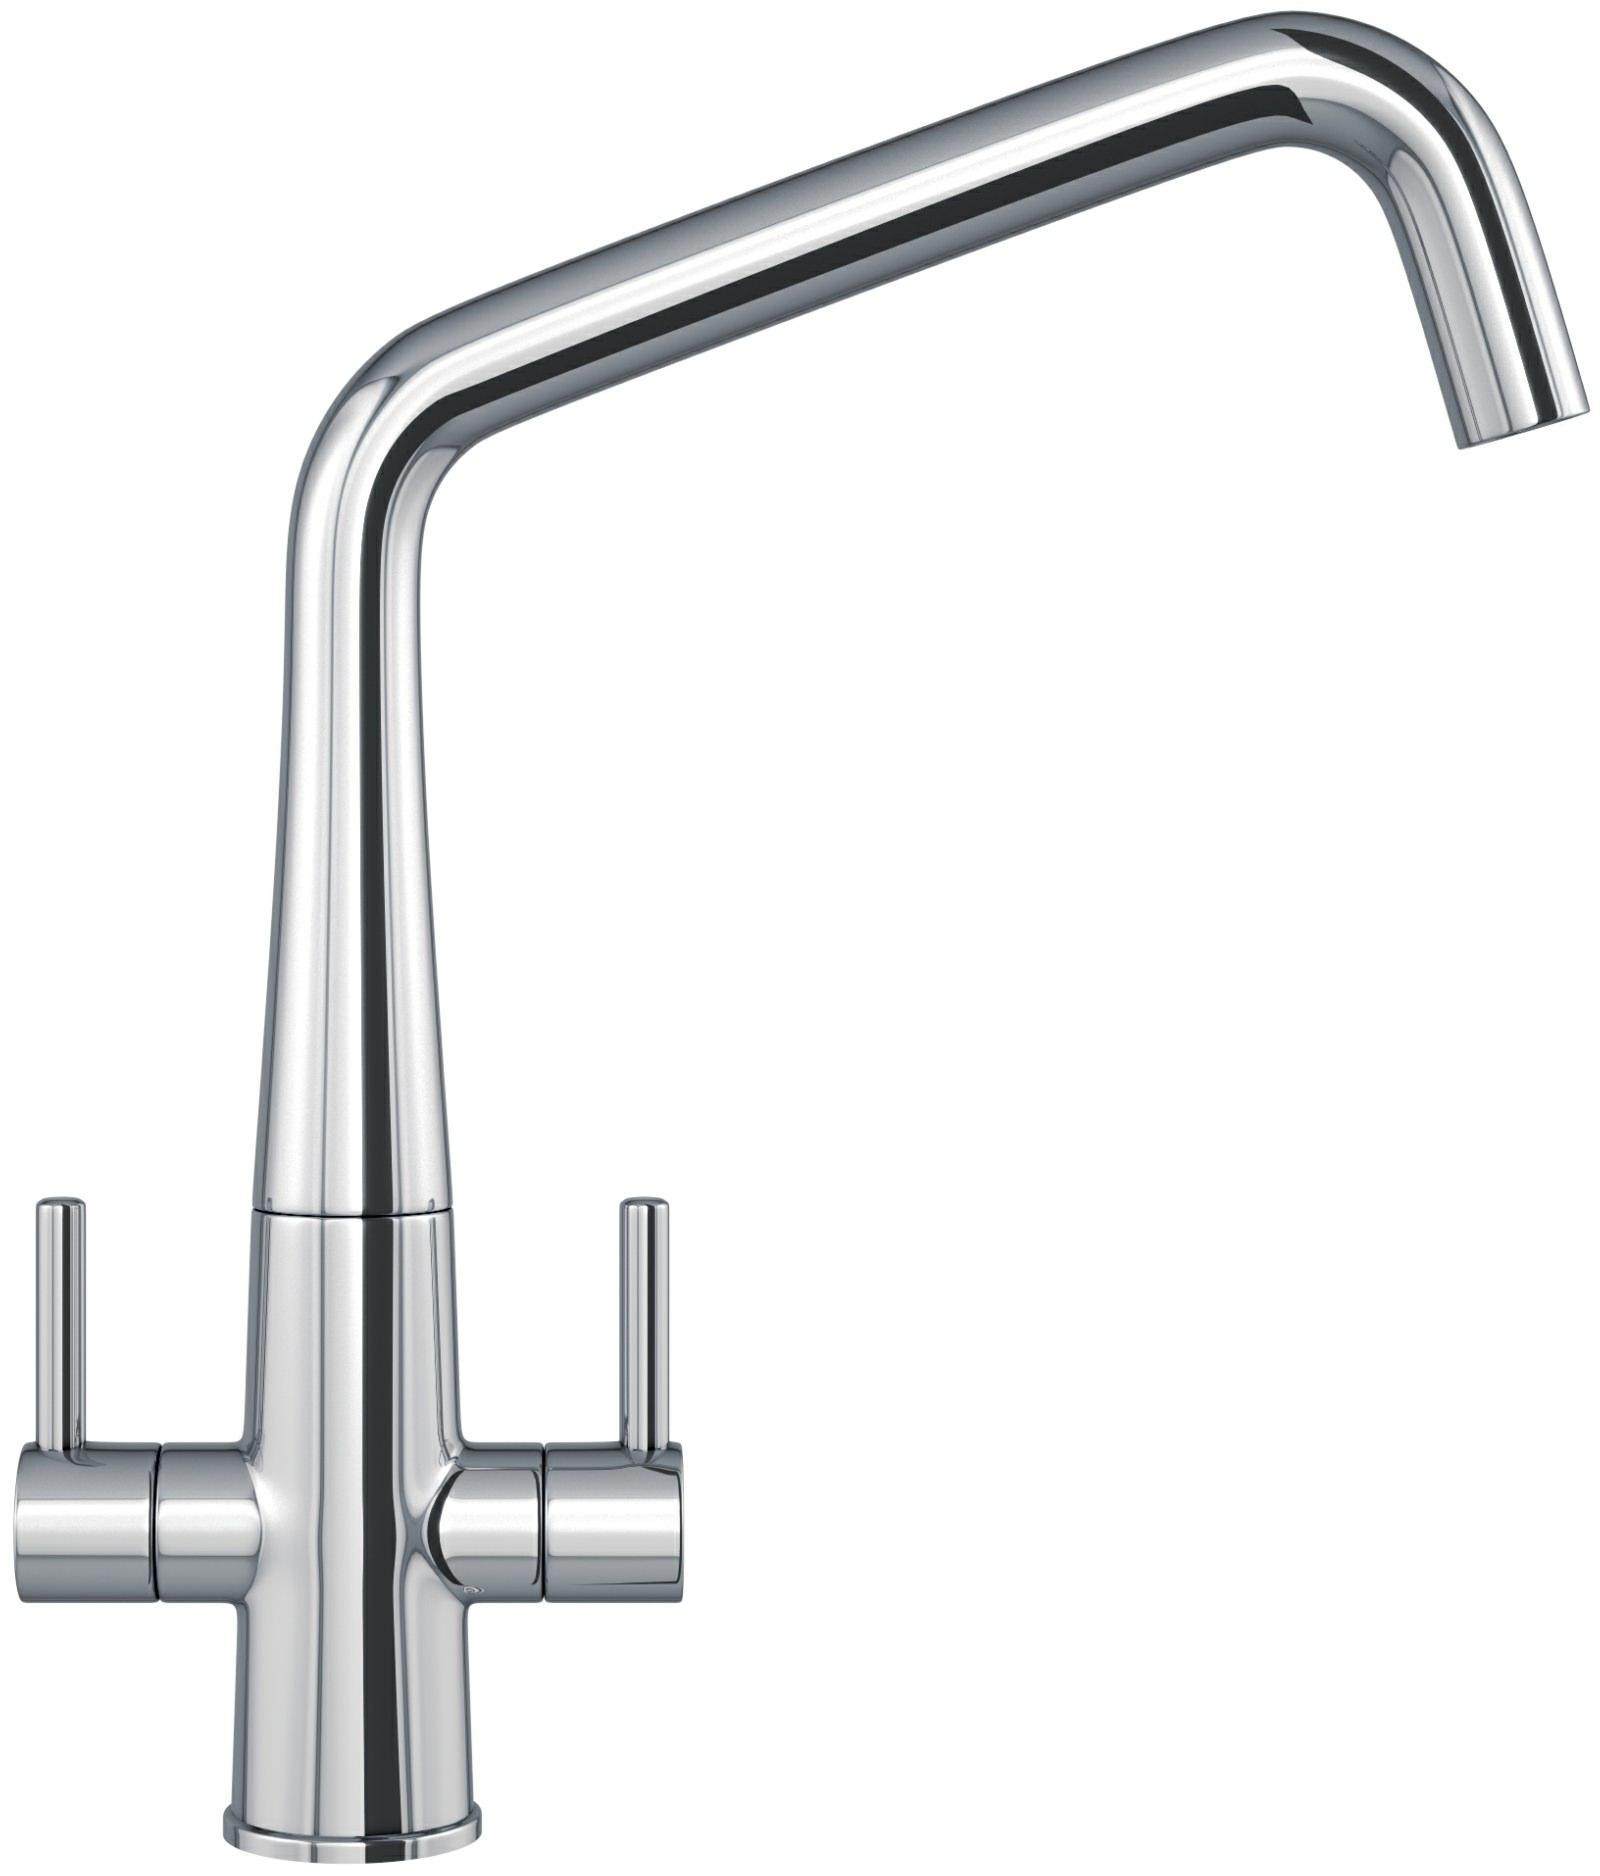 Cristallo Chrome Kitchen Sink Mixer Tap